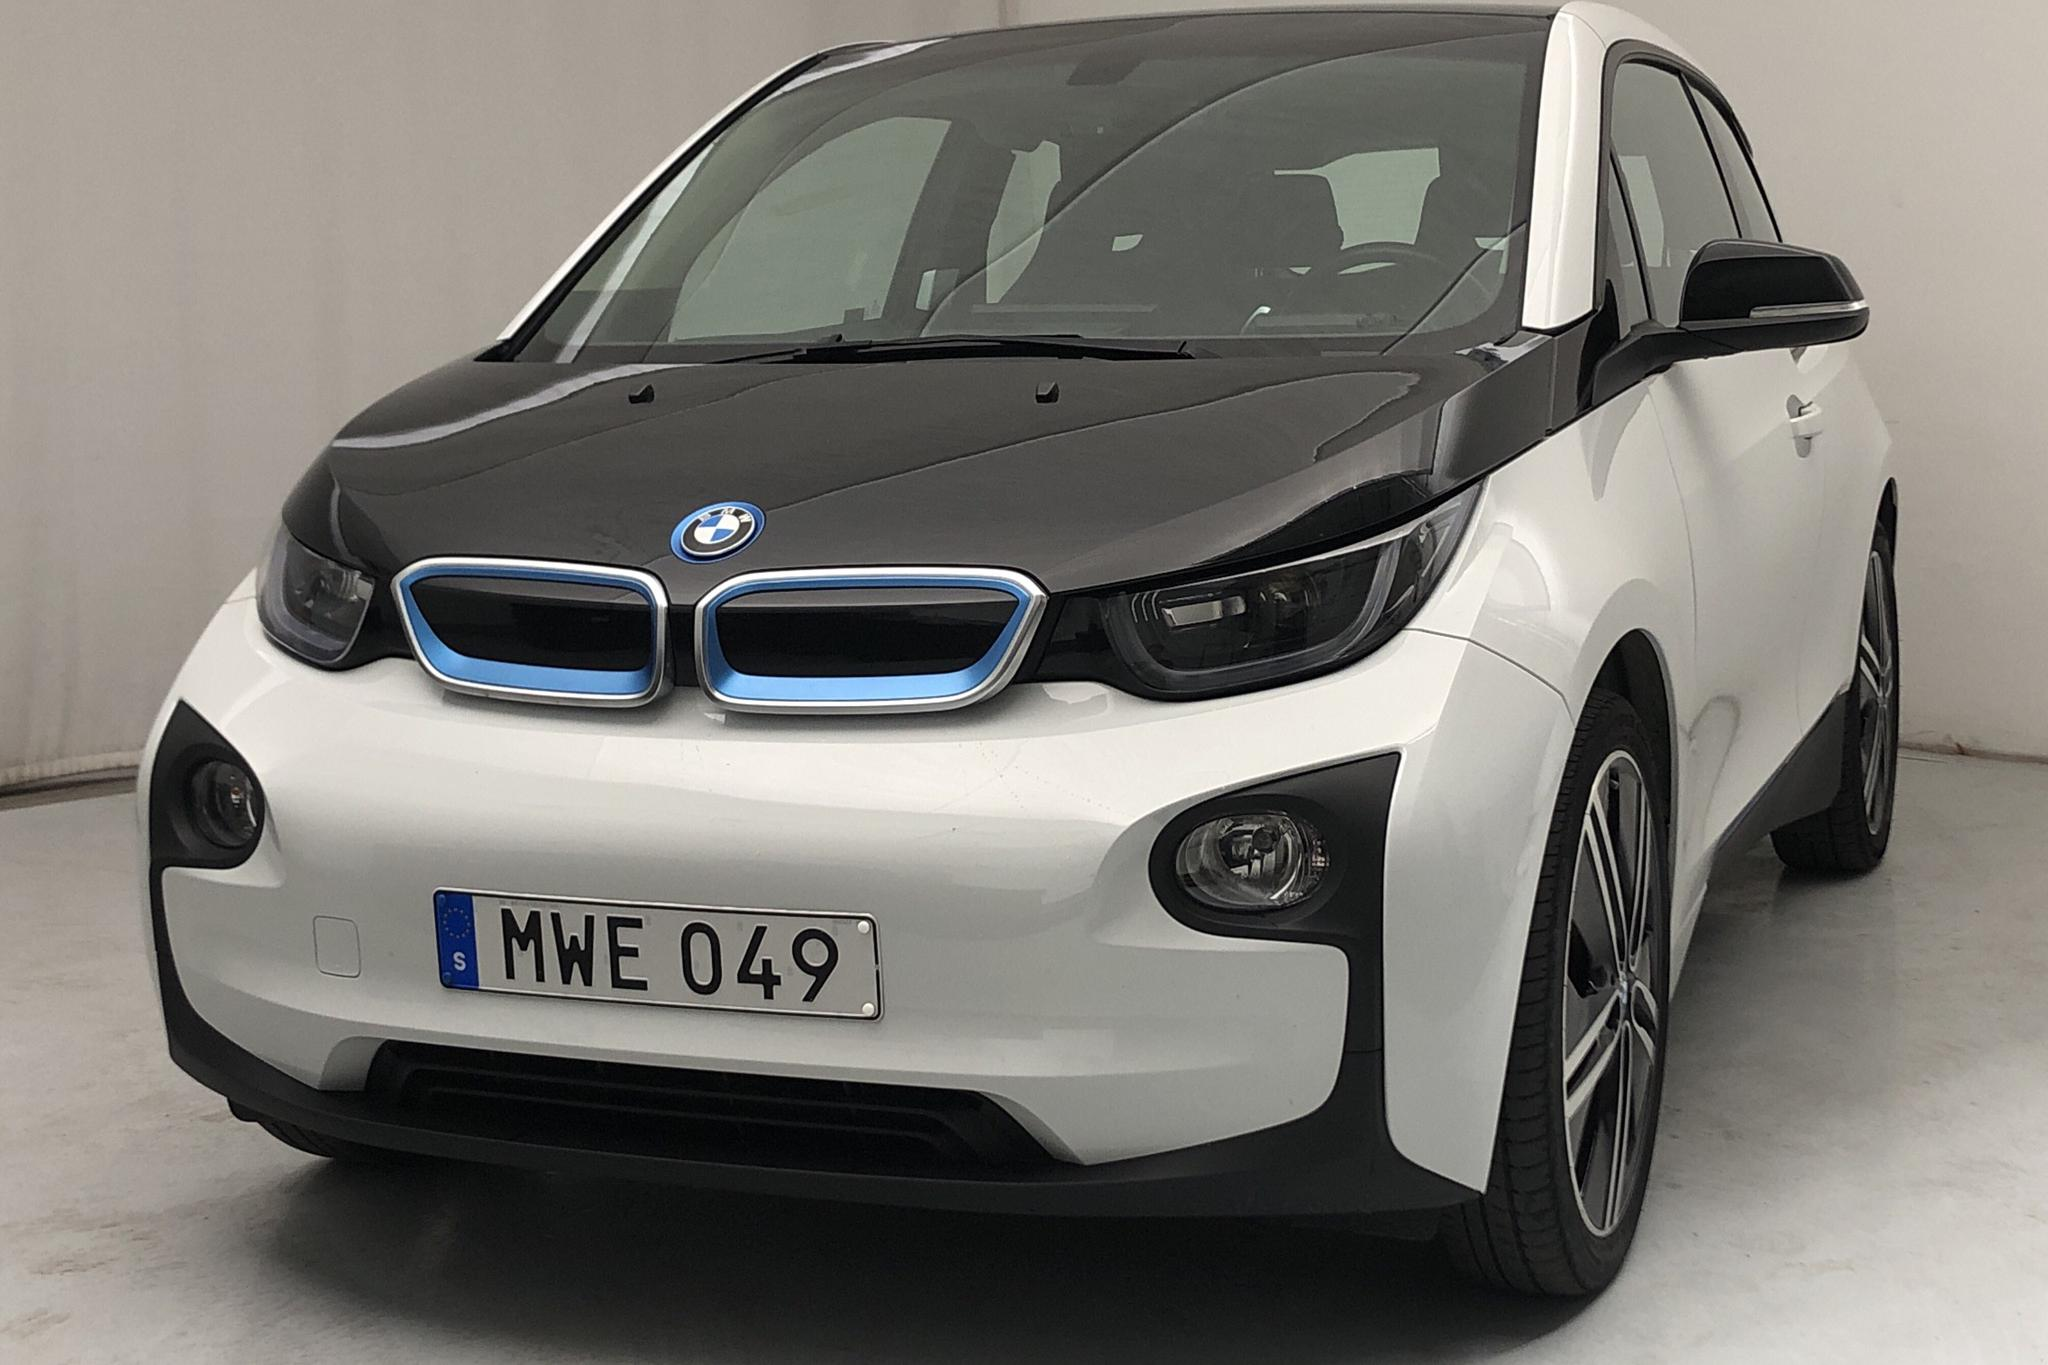 BMW i3 60Ah REX, I01 (170hk) - 6 820 mil - Automat - vit - 2016